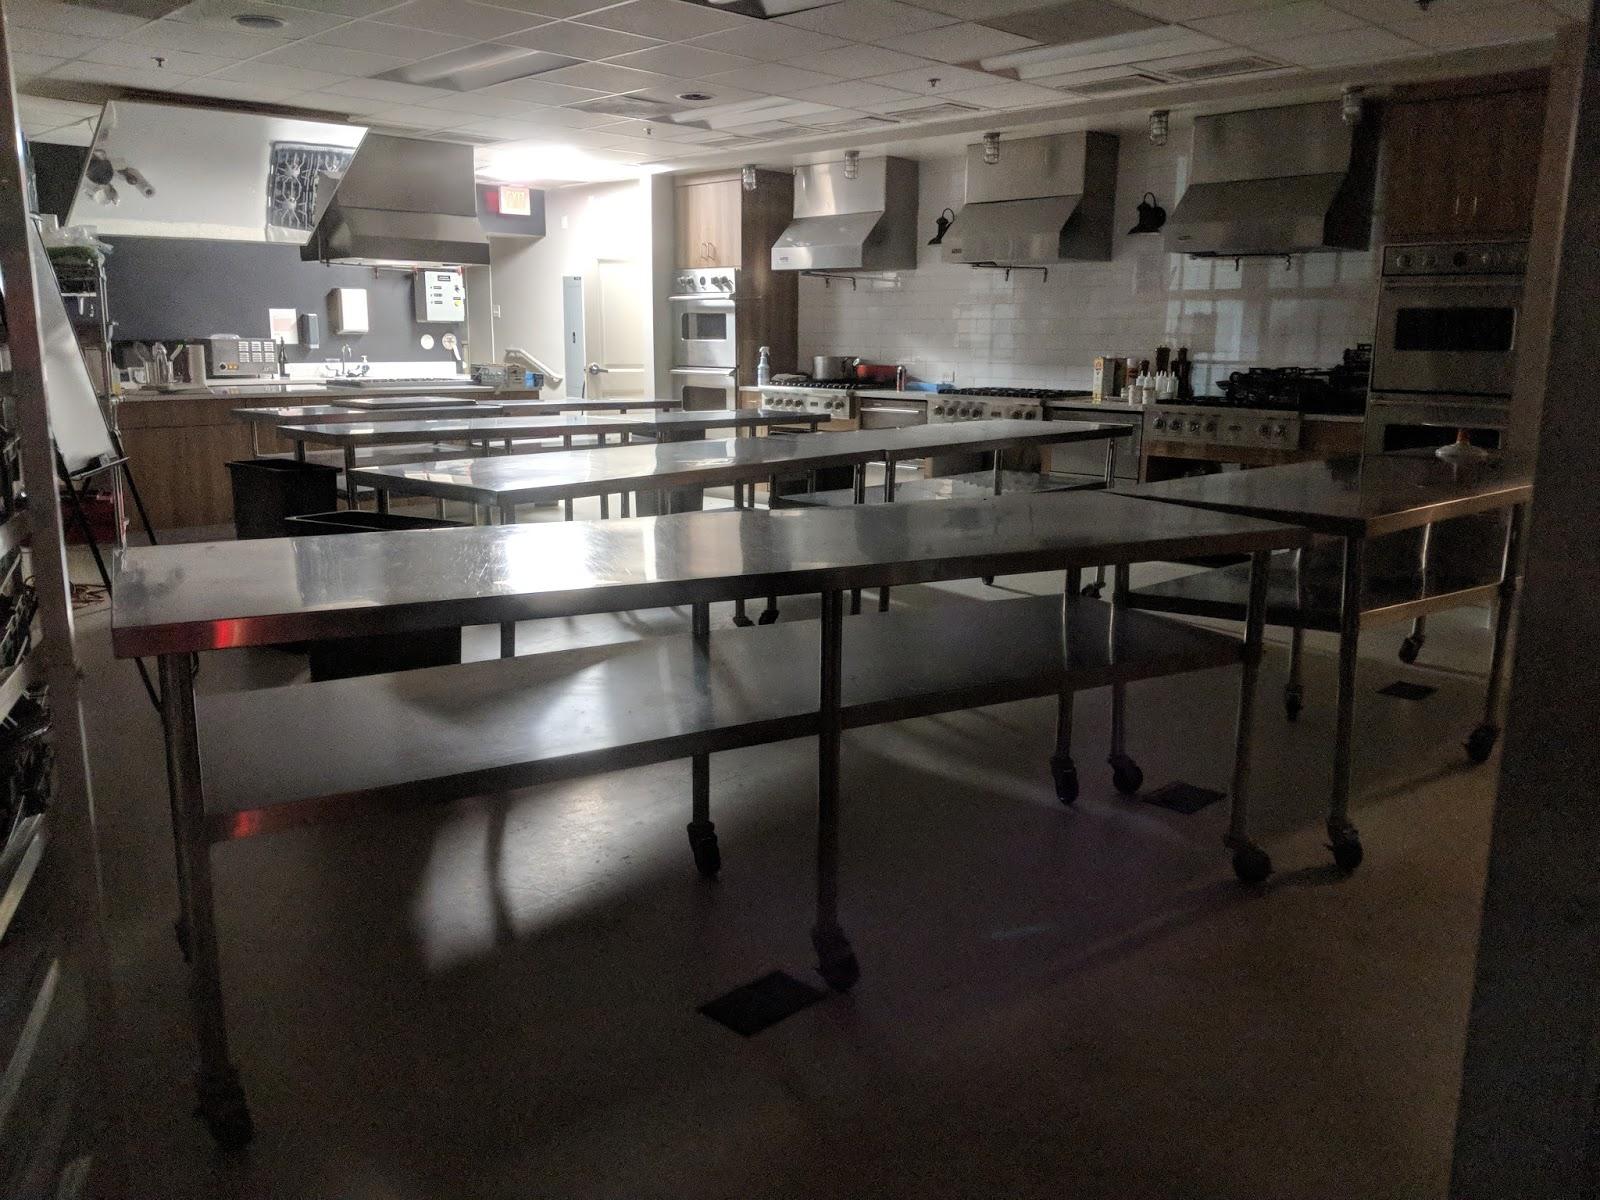 Robert dyer bethesda row l 39 academie de cuisine for Academy de cuisine bethesda md